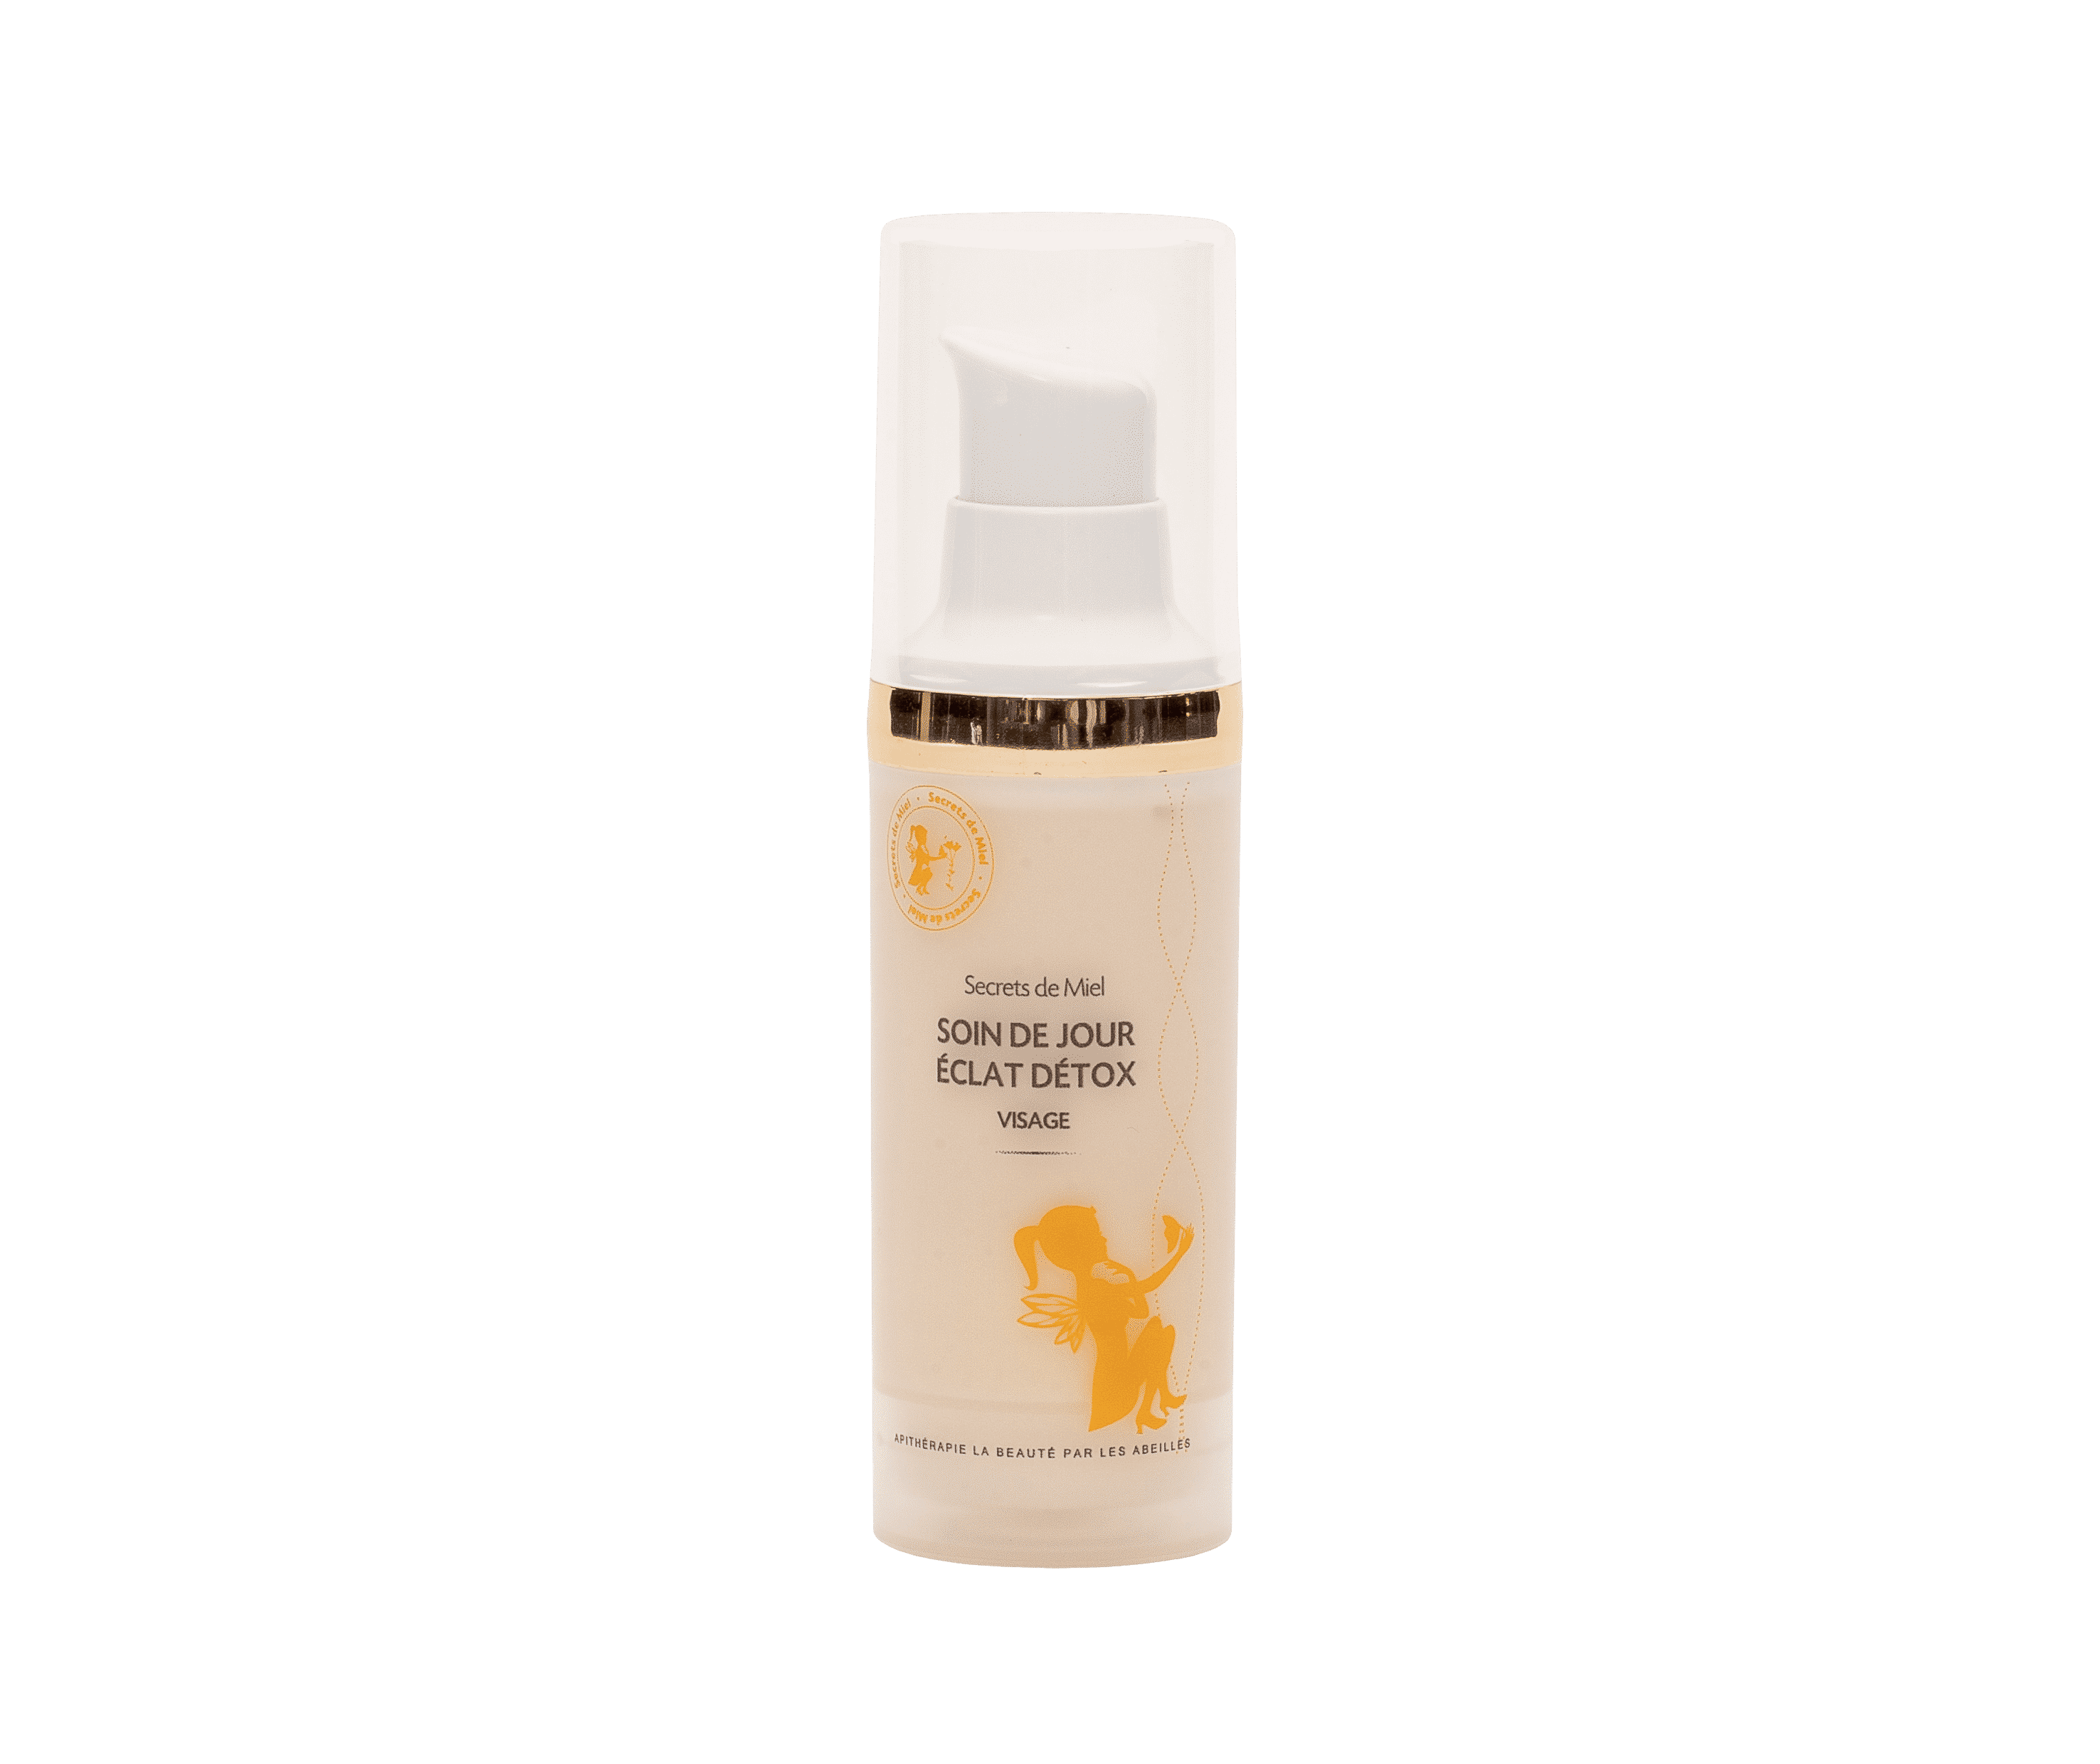 Soin de jour Eclat Detox - peau acnéique - maskne